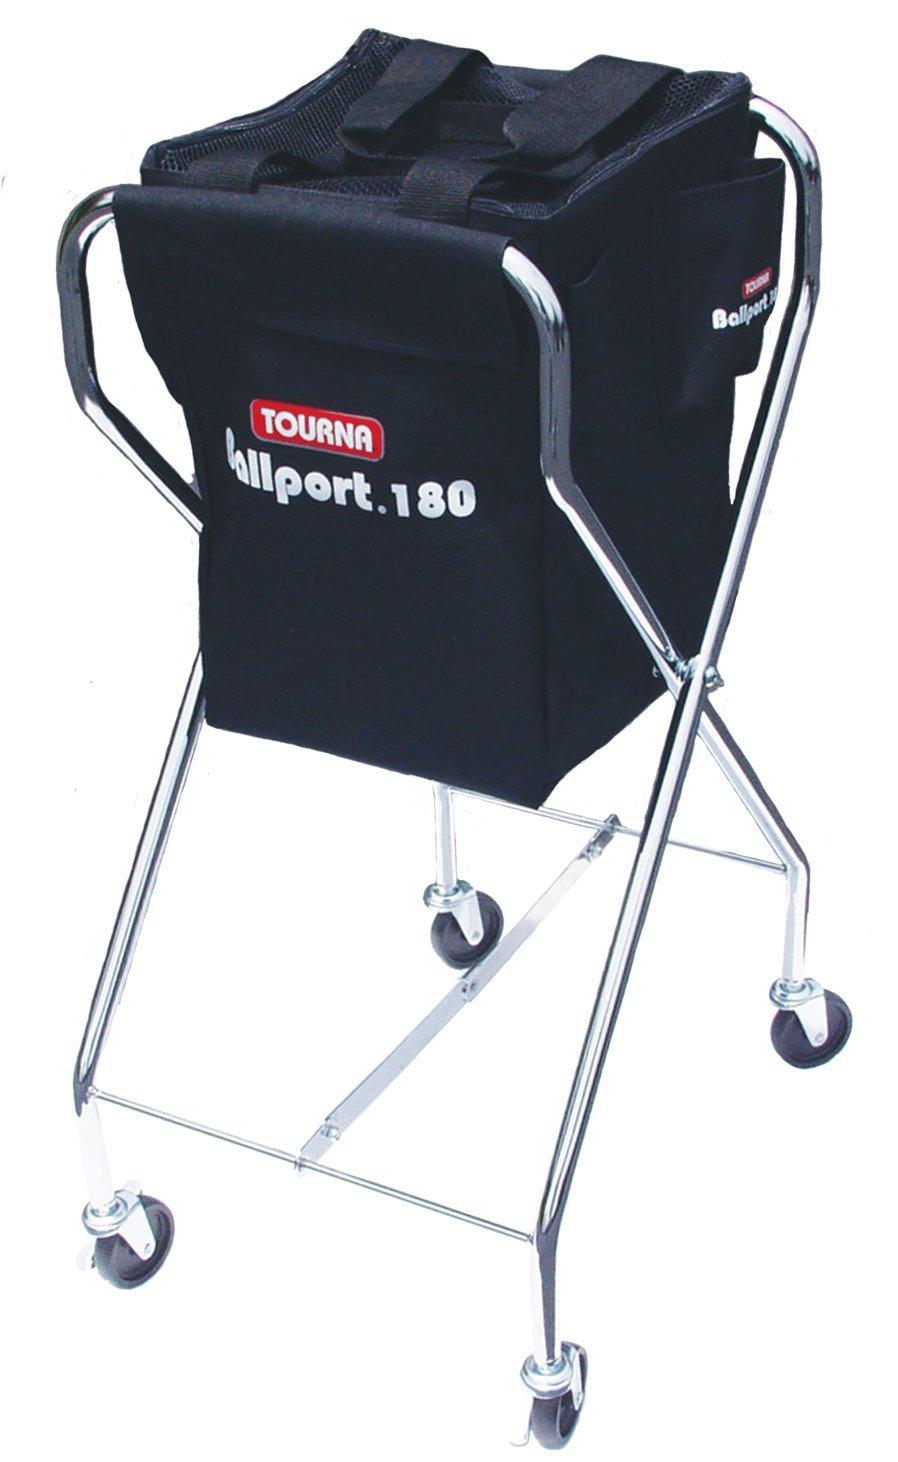 Корзина для теннисных мячей Ballport 180 Travel Cart